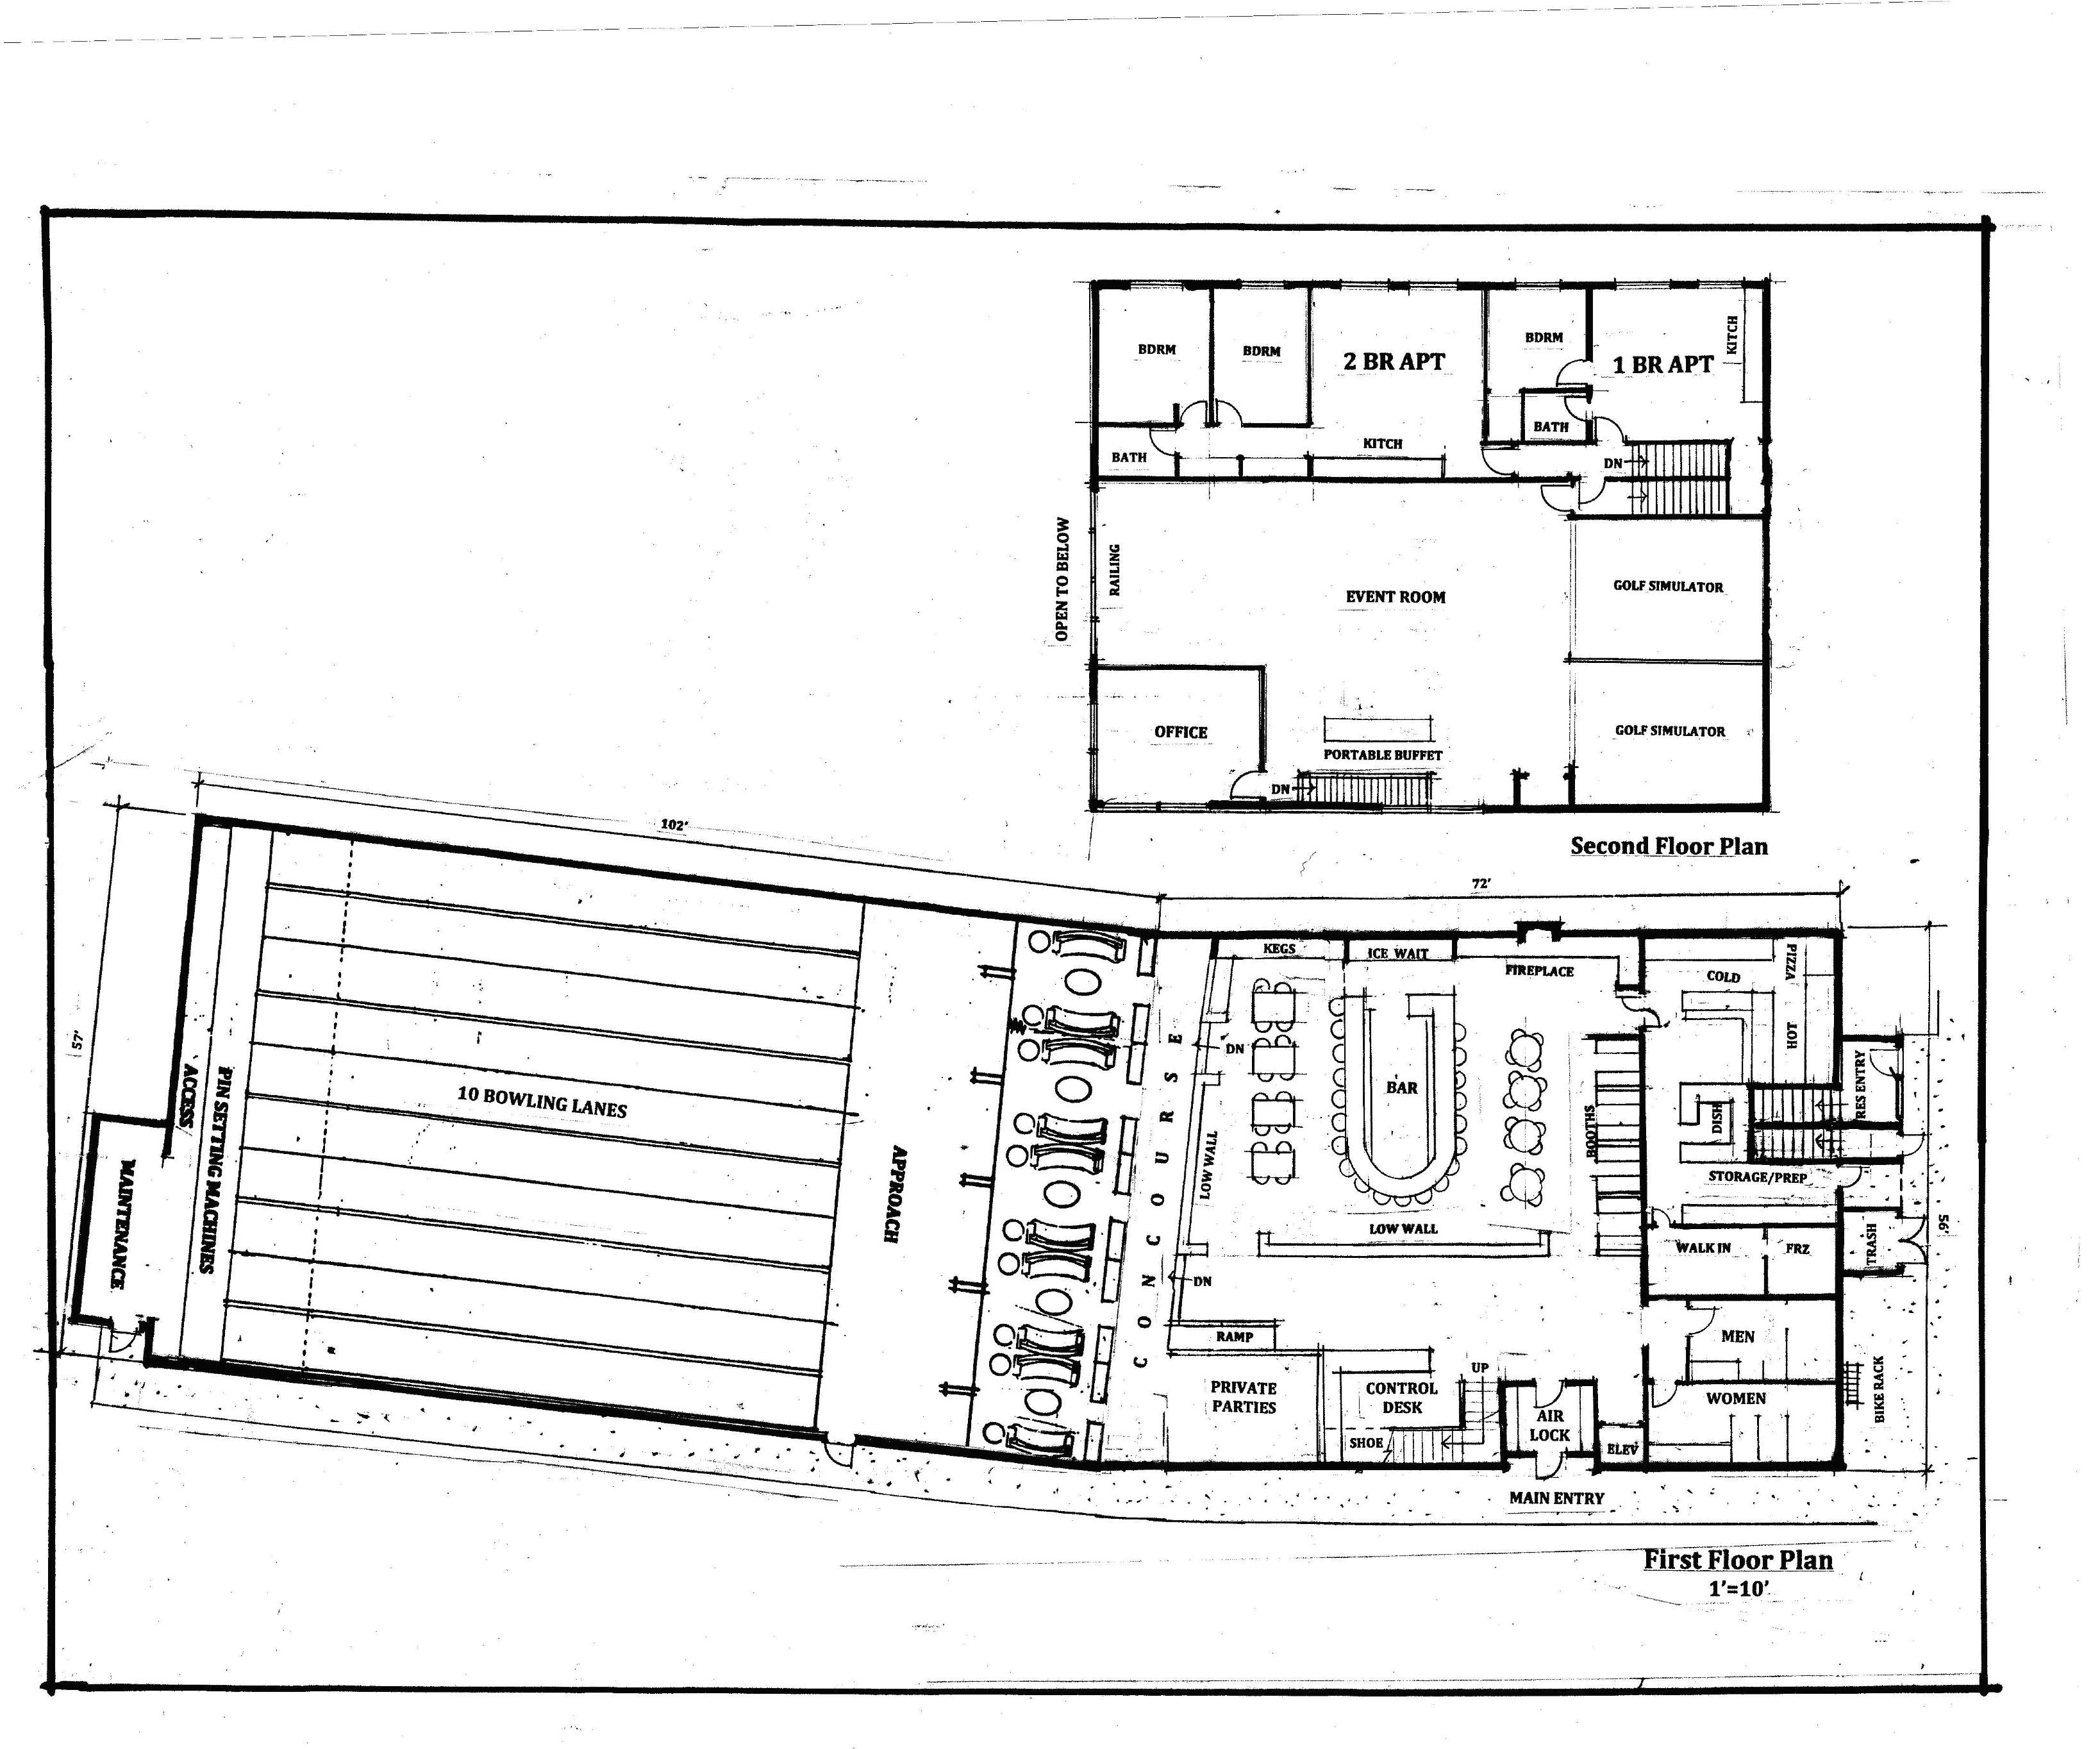 Oak Bluffs Bowling Alley Plan Draws Lively Debate